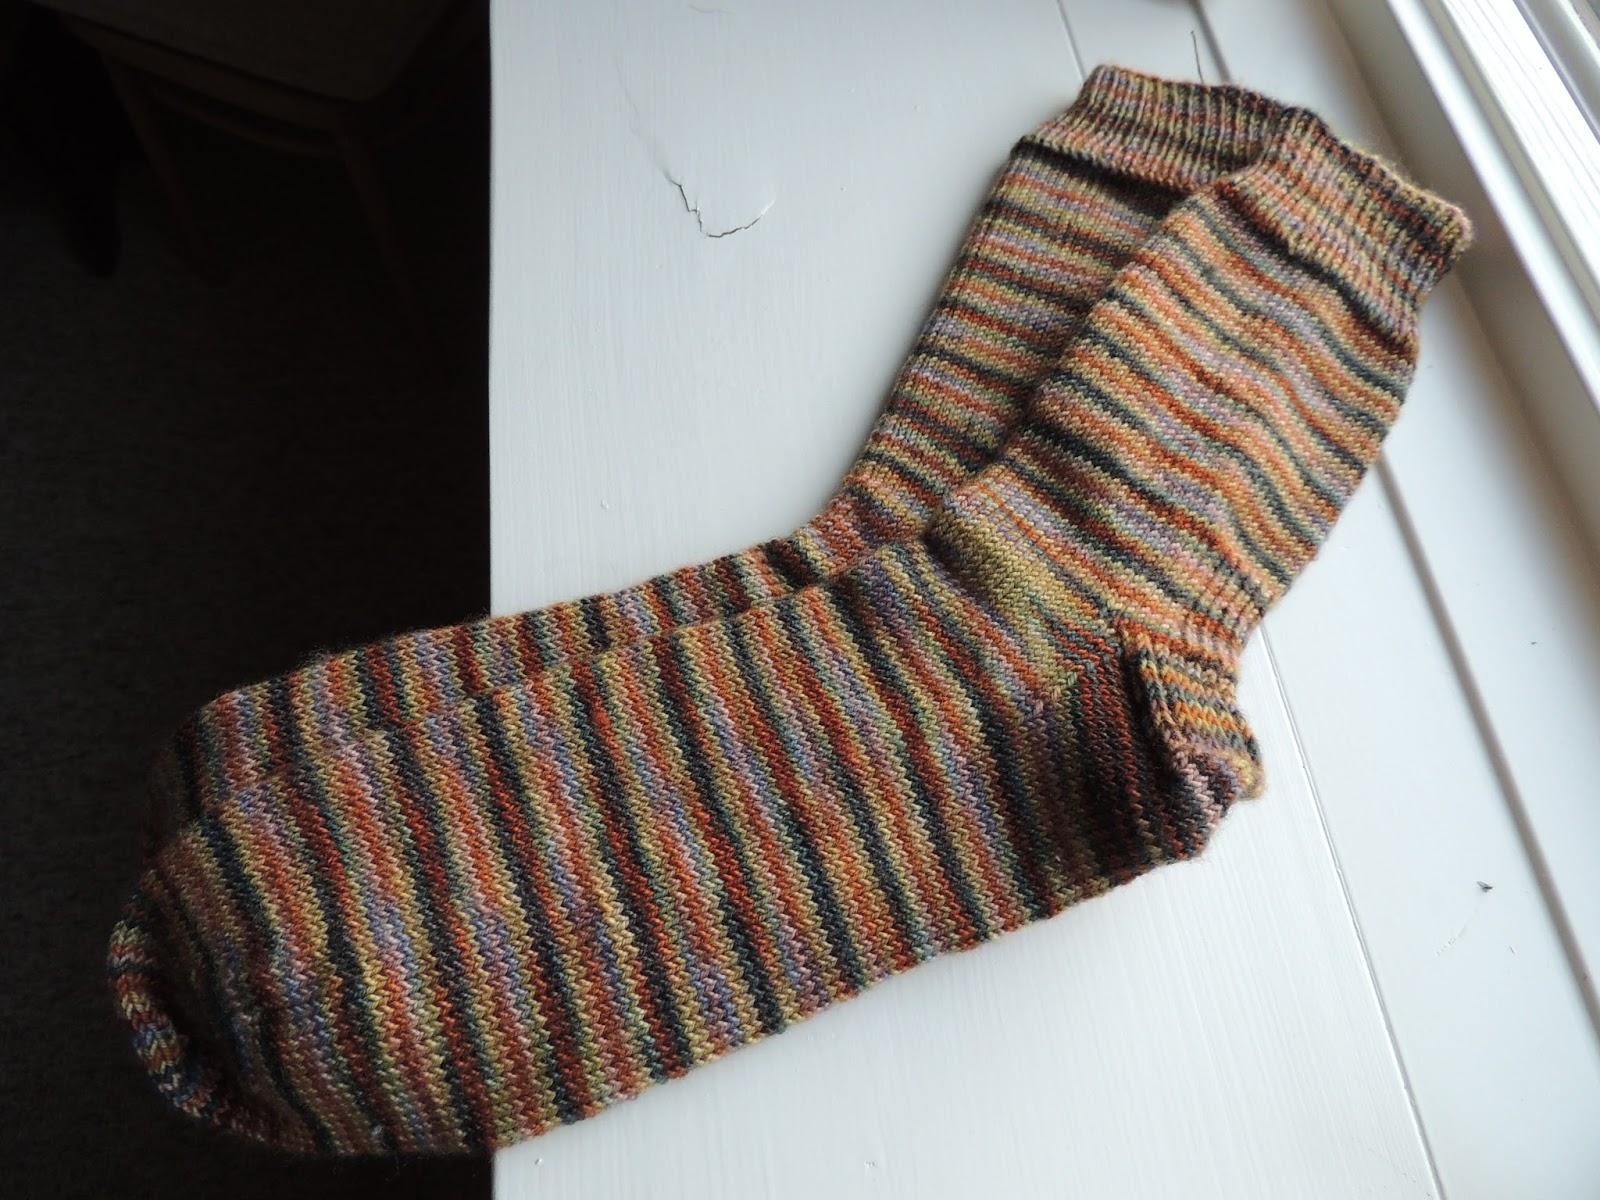 Knit Pattern For Moon Socks : Knitting Pipeline: Episode 245 Scotland and Custom Socks